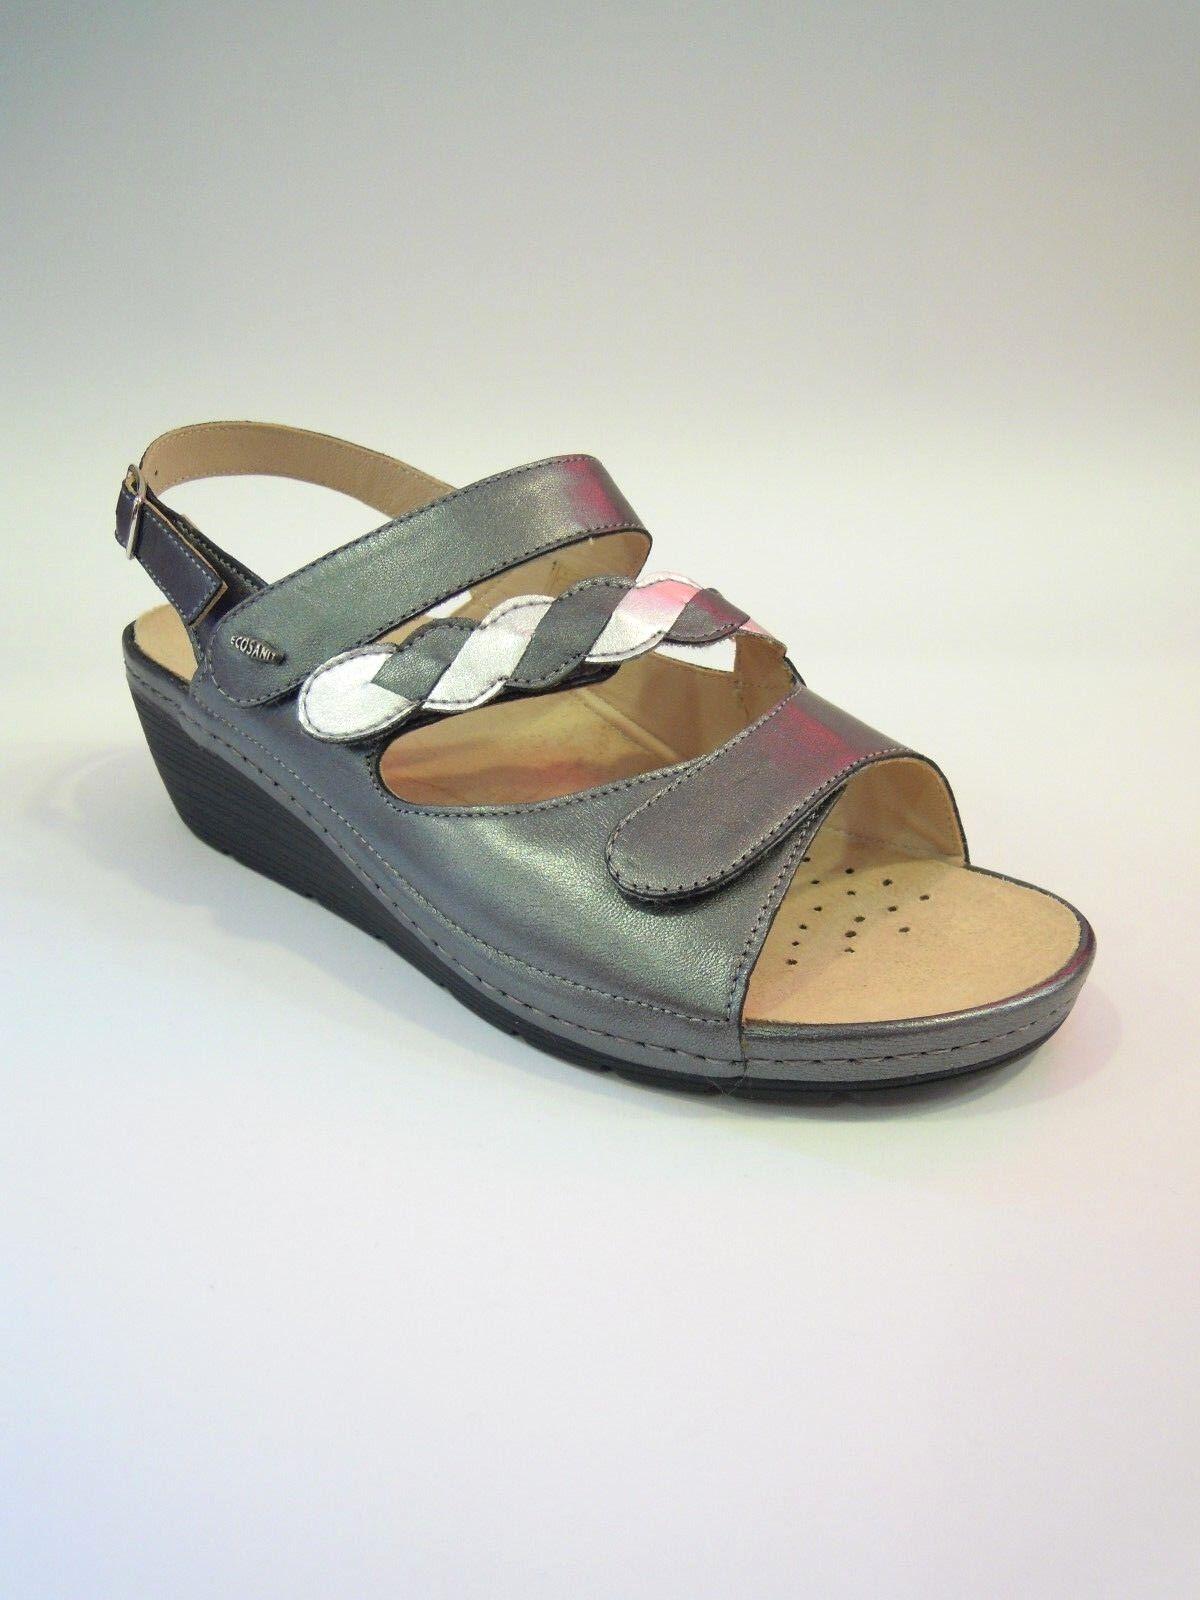 scarpe plantare estraibile marche nike donna